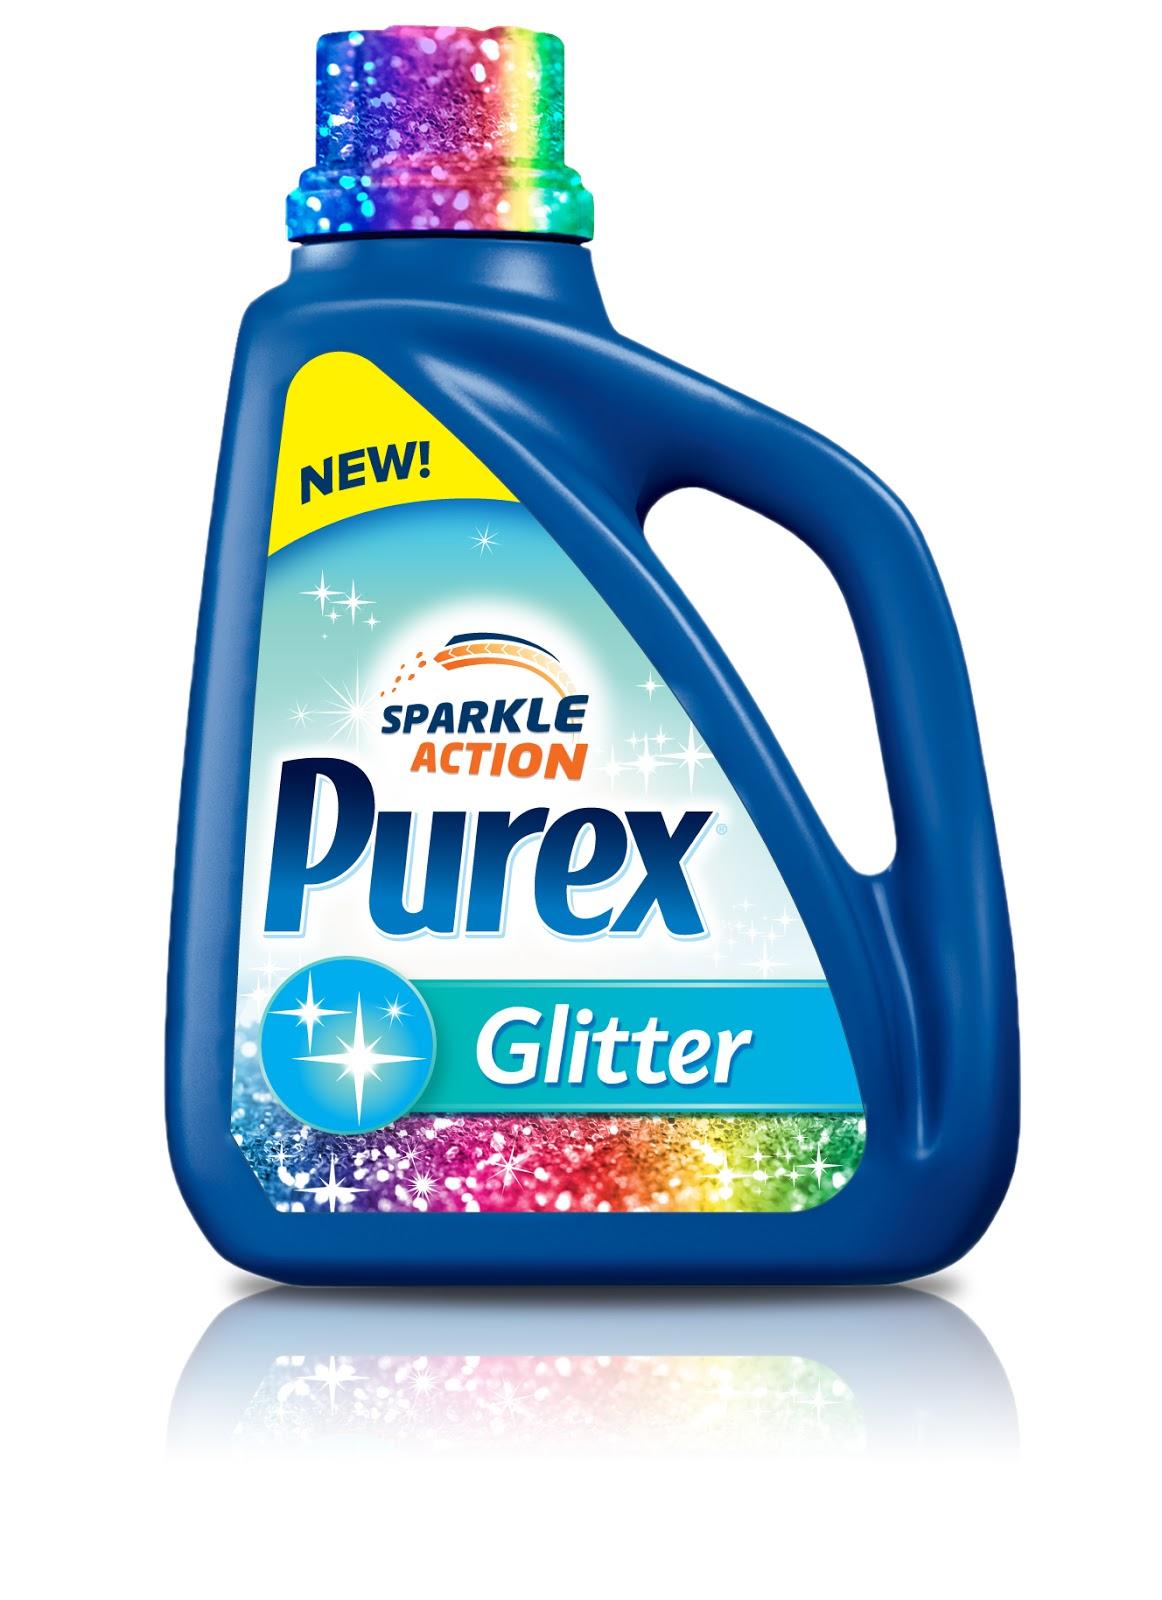 Laundry Detergent Clipart new purex glitter laundry detergent! - hey lorri